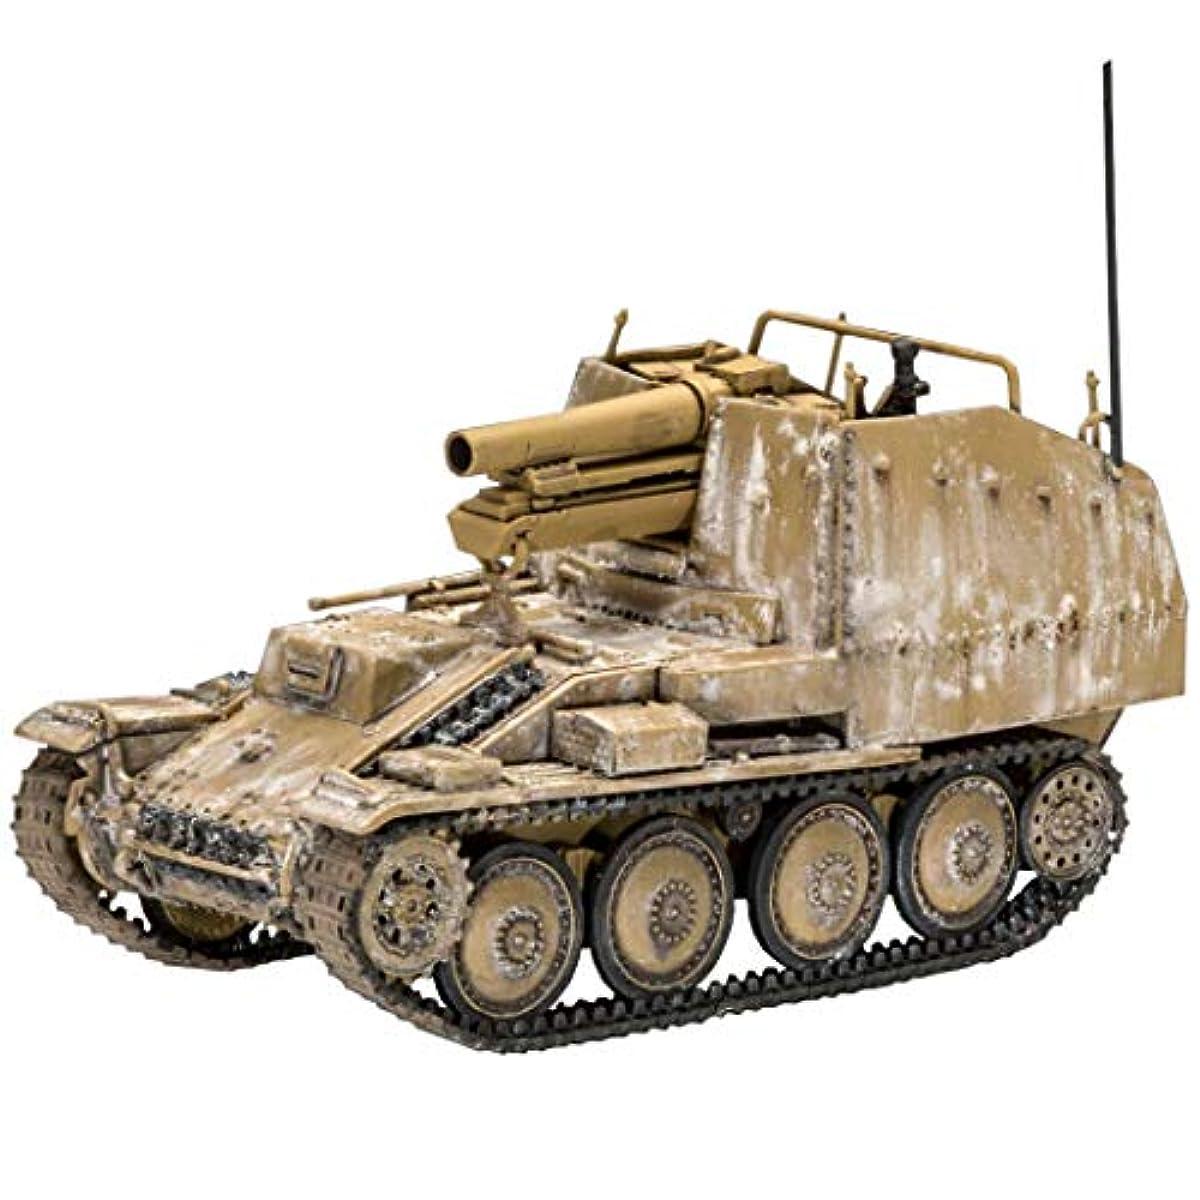 [해외] 독일 레벨 1/72 독일 육군 38(T) 대전차 자주포 glee레 M형 프라모델  03315